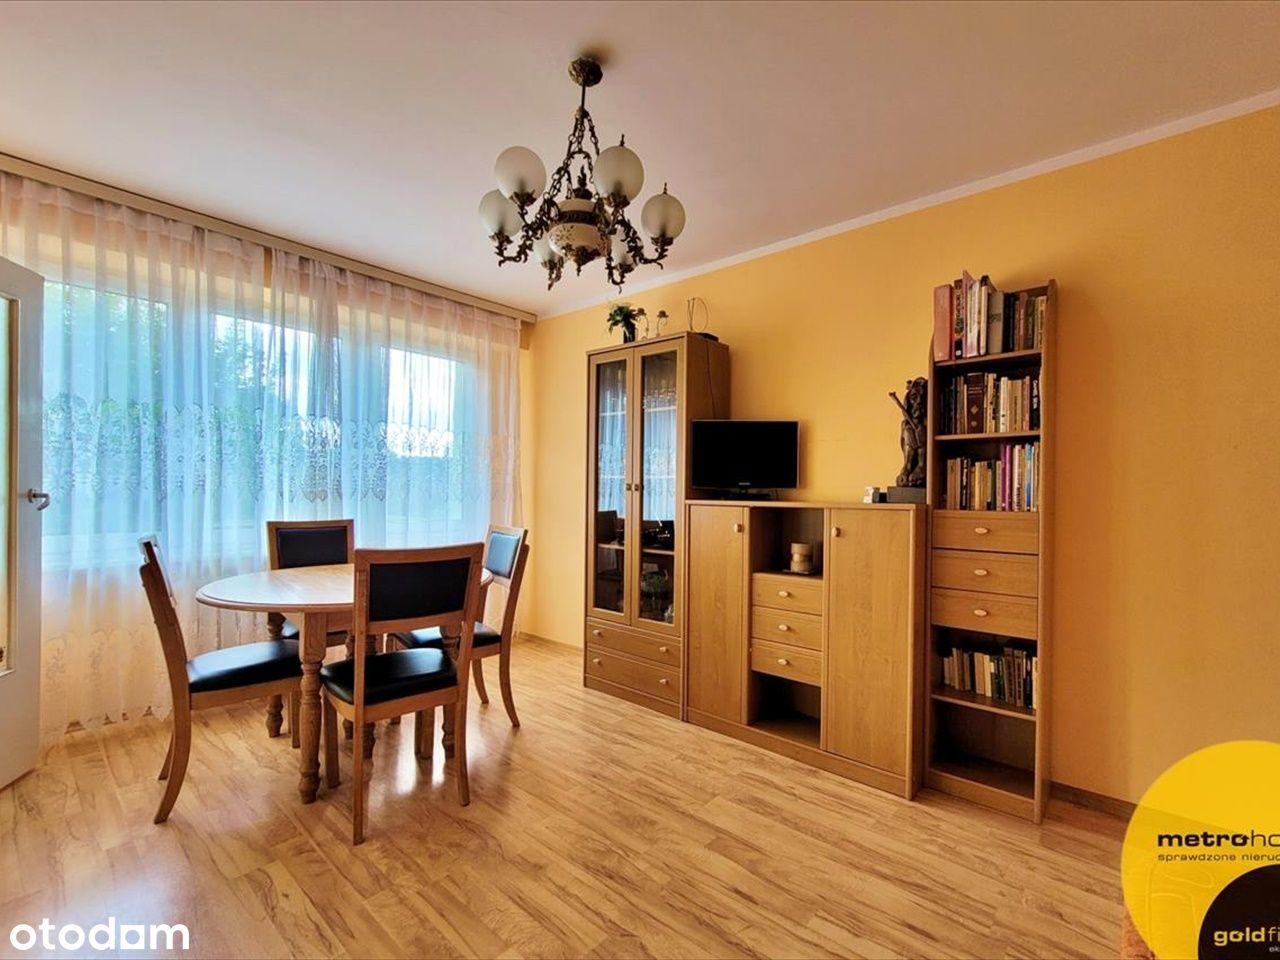 Mieszkanie do remontu i własnej aranżacji